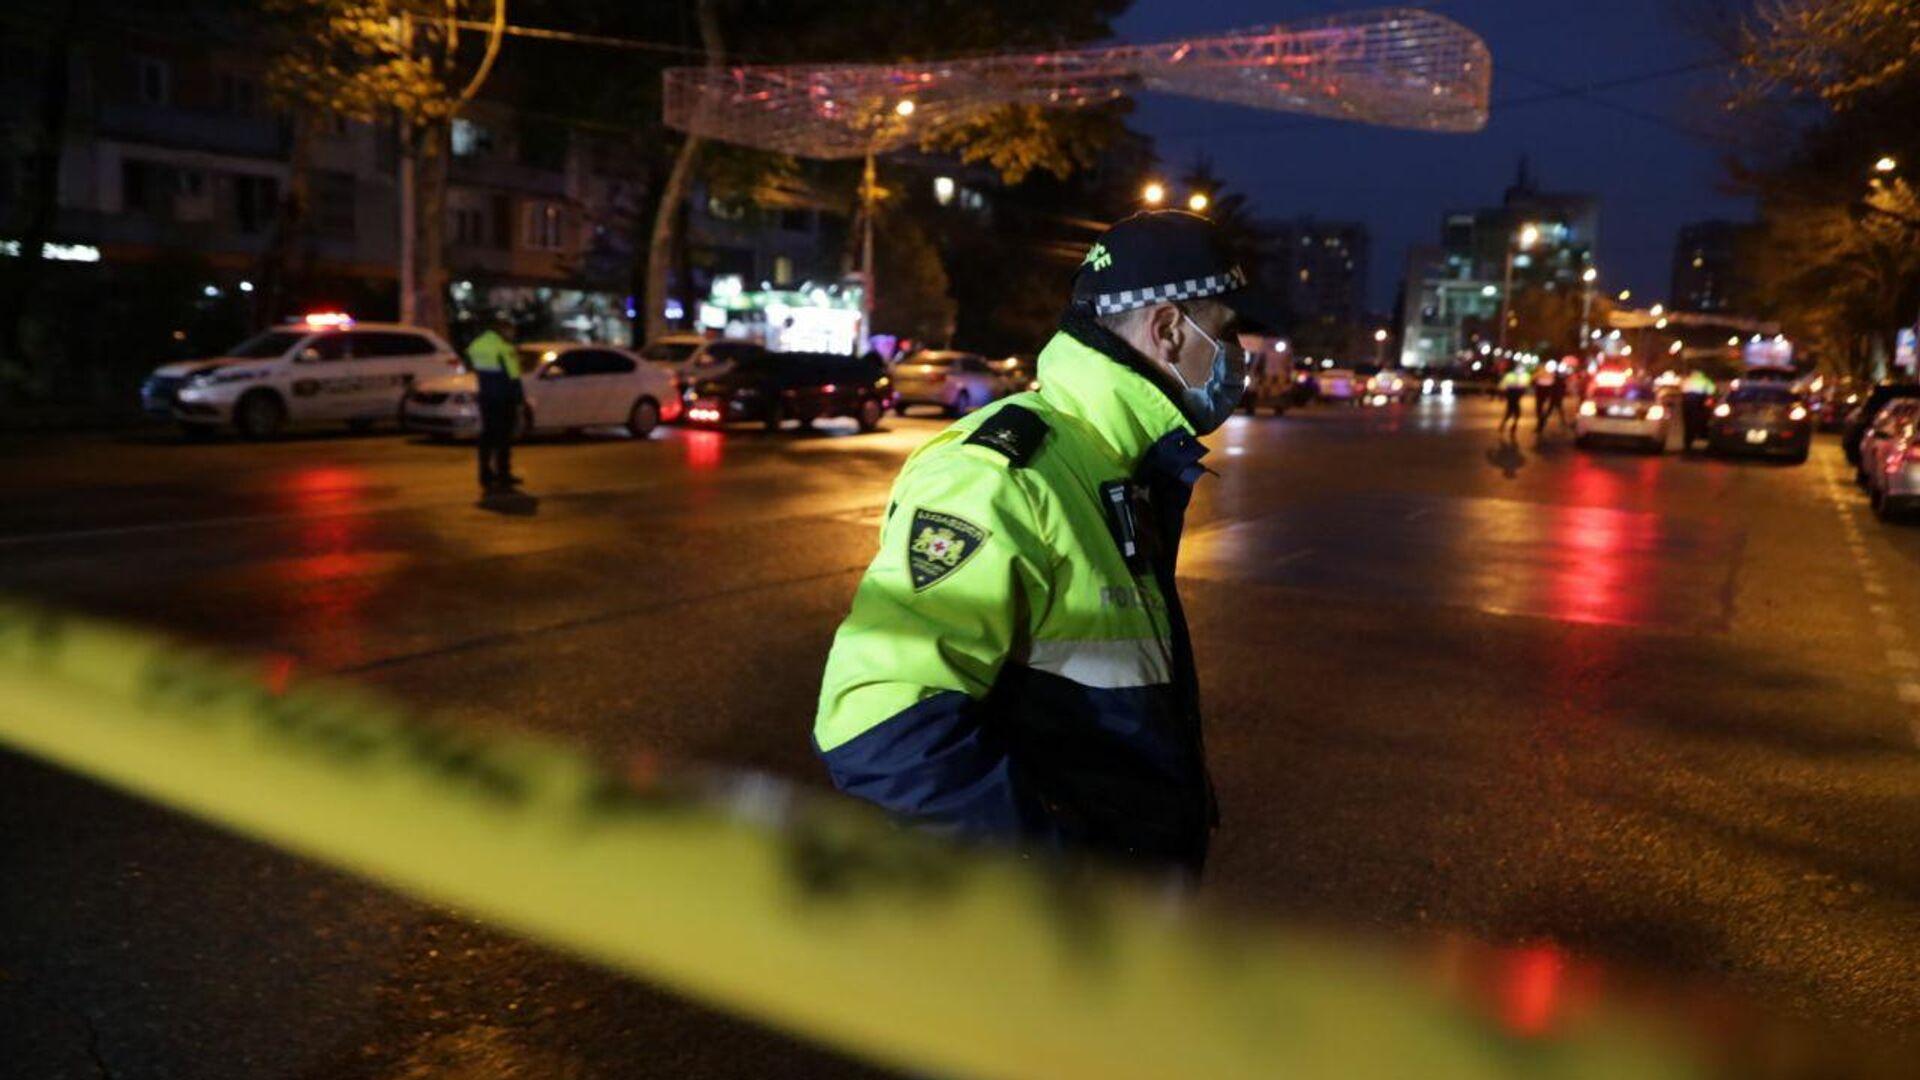 Сотрудники полиции на проспекте Церетели в Тбилиси, где вооруженный мужчина, который ворвался в офис микрофинансовой организации, удерживает в заложниках девять человек - РИА Новости, 1920, 20.11.2020